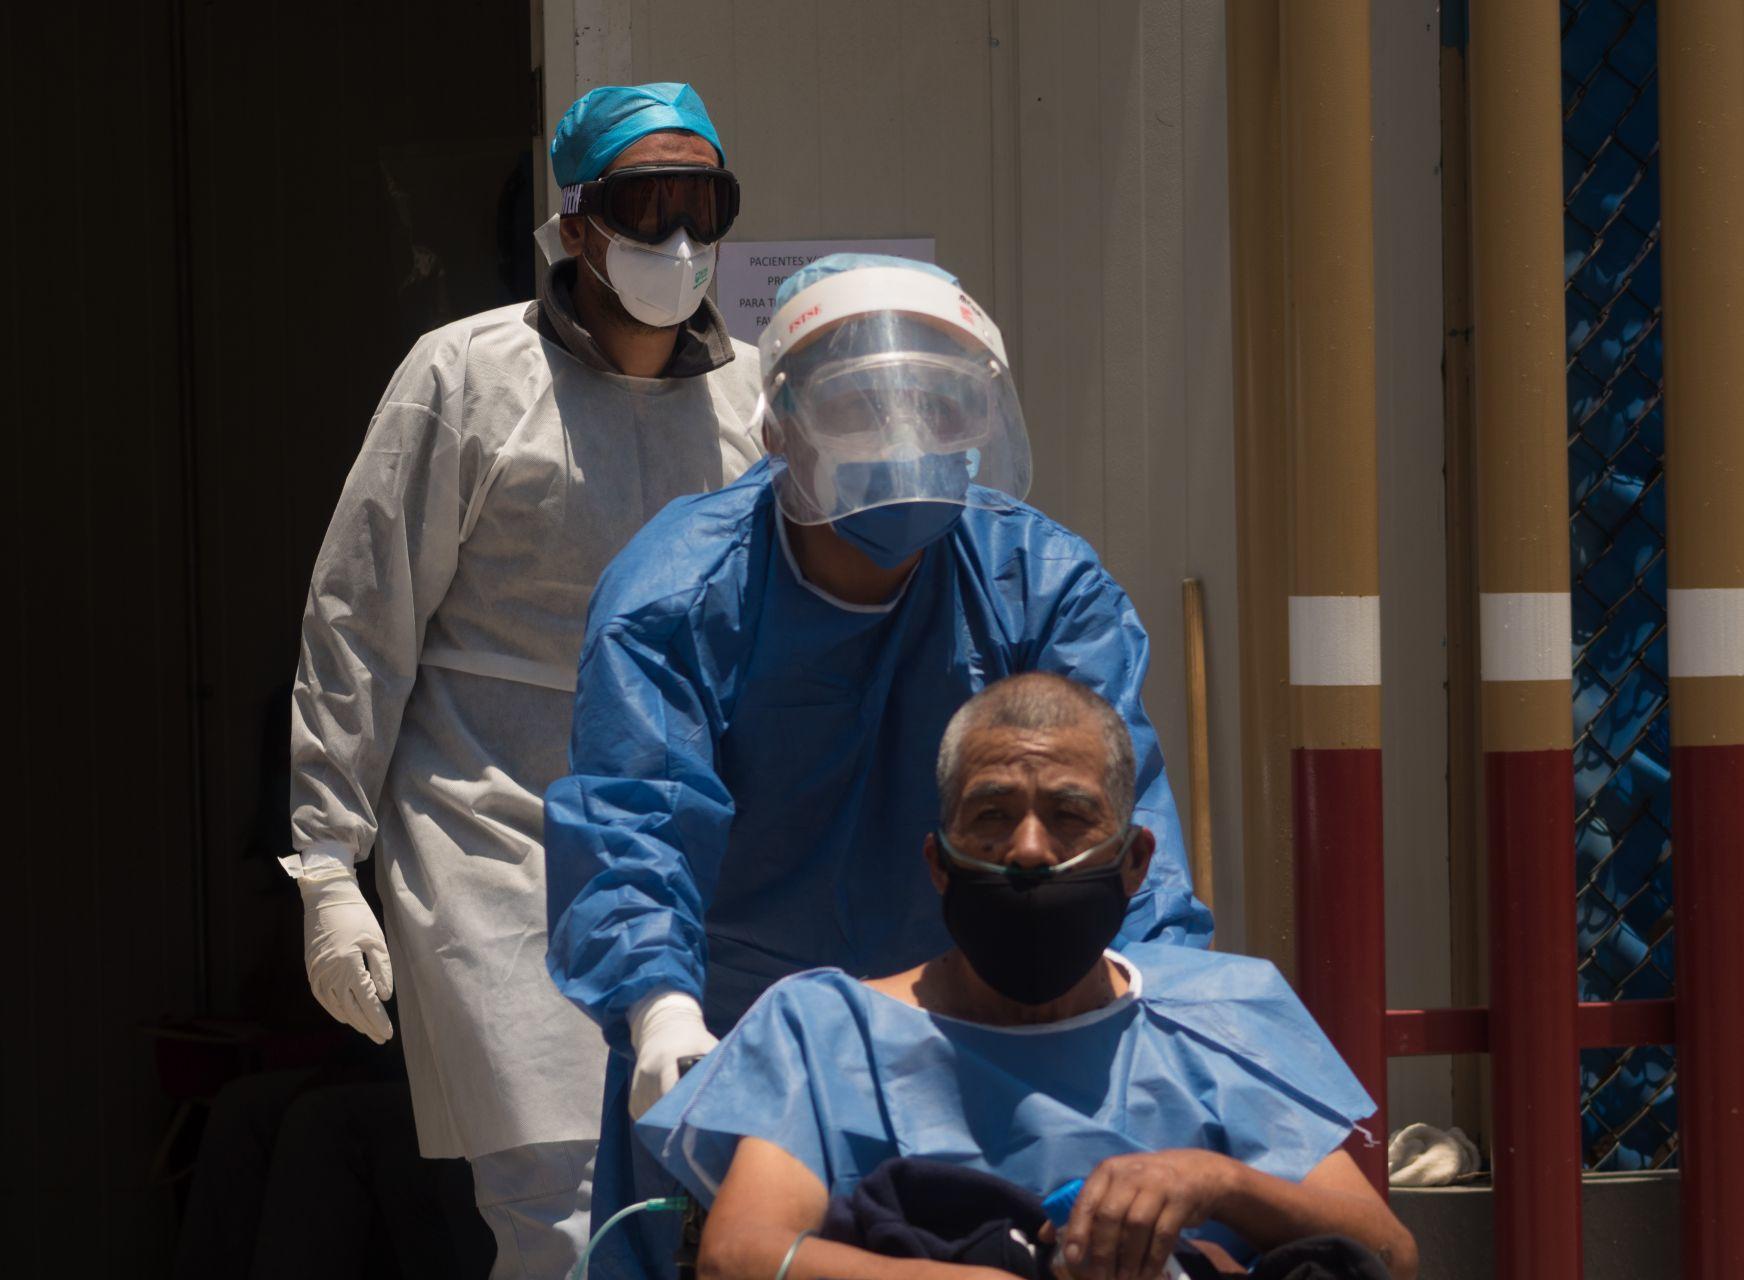 Fingen ser trabajadores de la salud para robar a adultos mayores; IMSS se deslinda